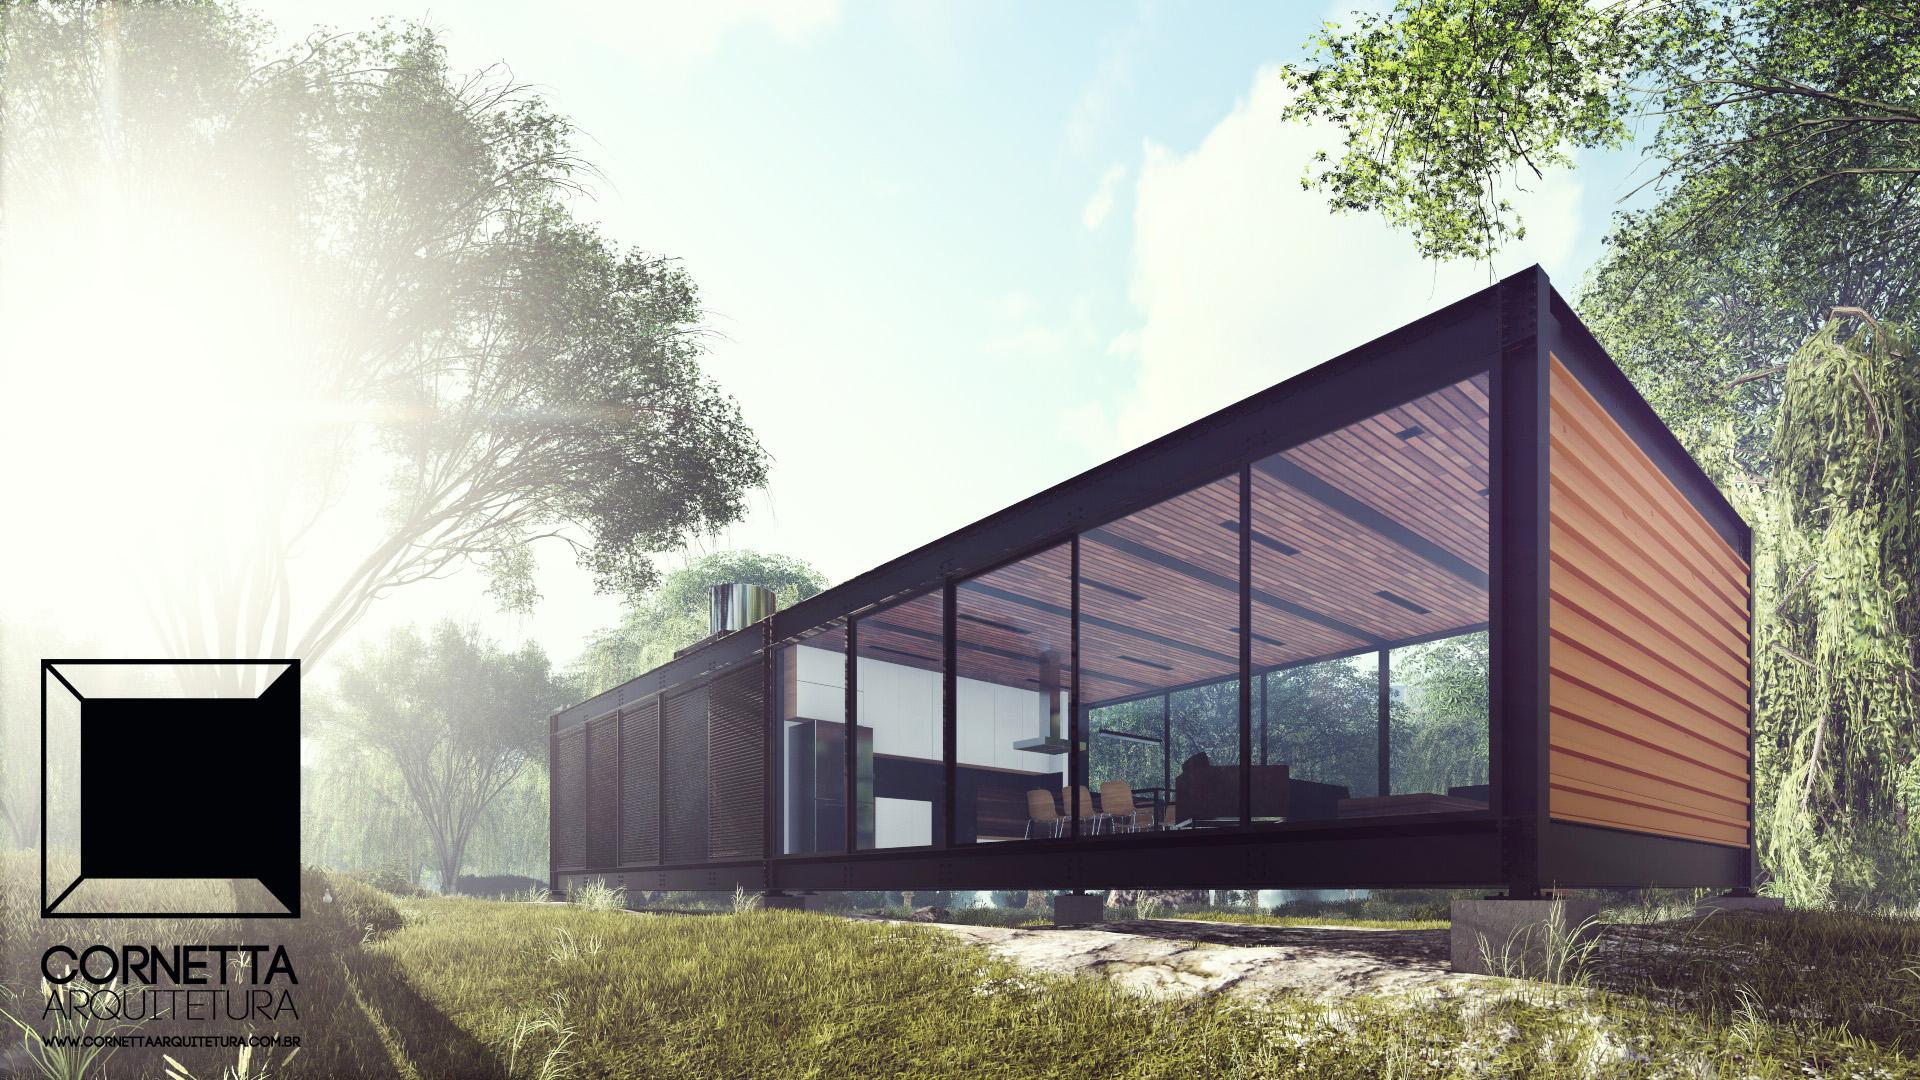 Loft 002 casa de campo cornetta arquitetura for Casas modernas para campo